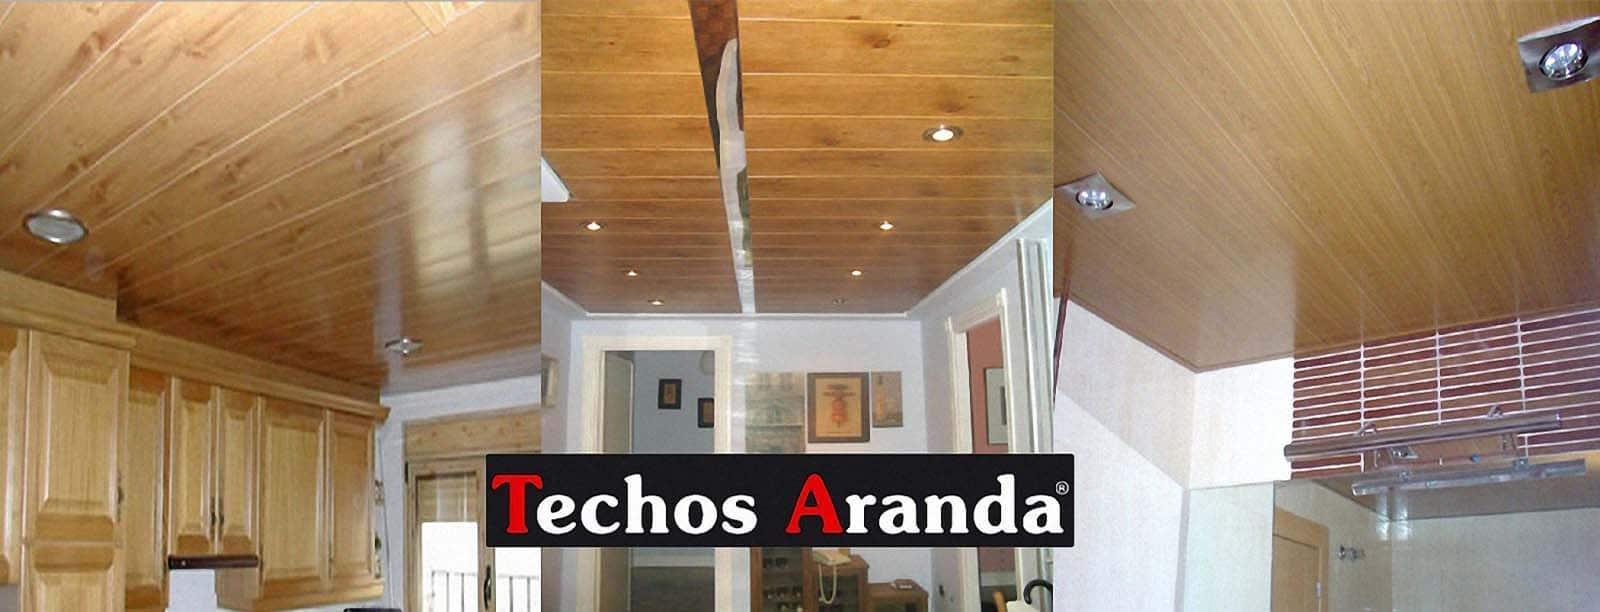 Techos Aranda – Techos de aluminio Aranda